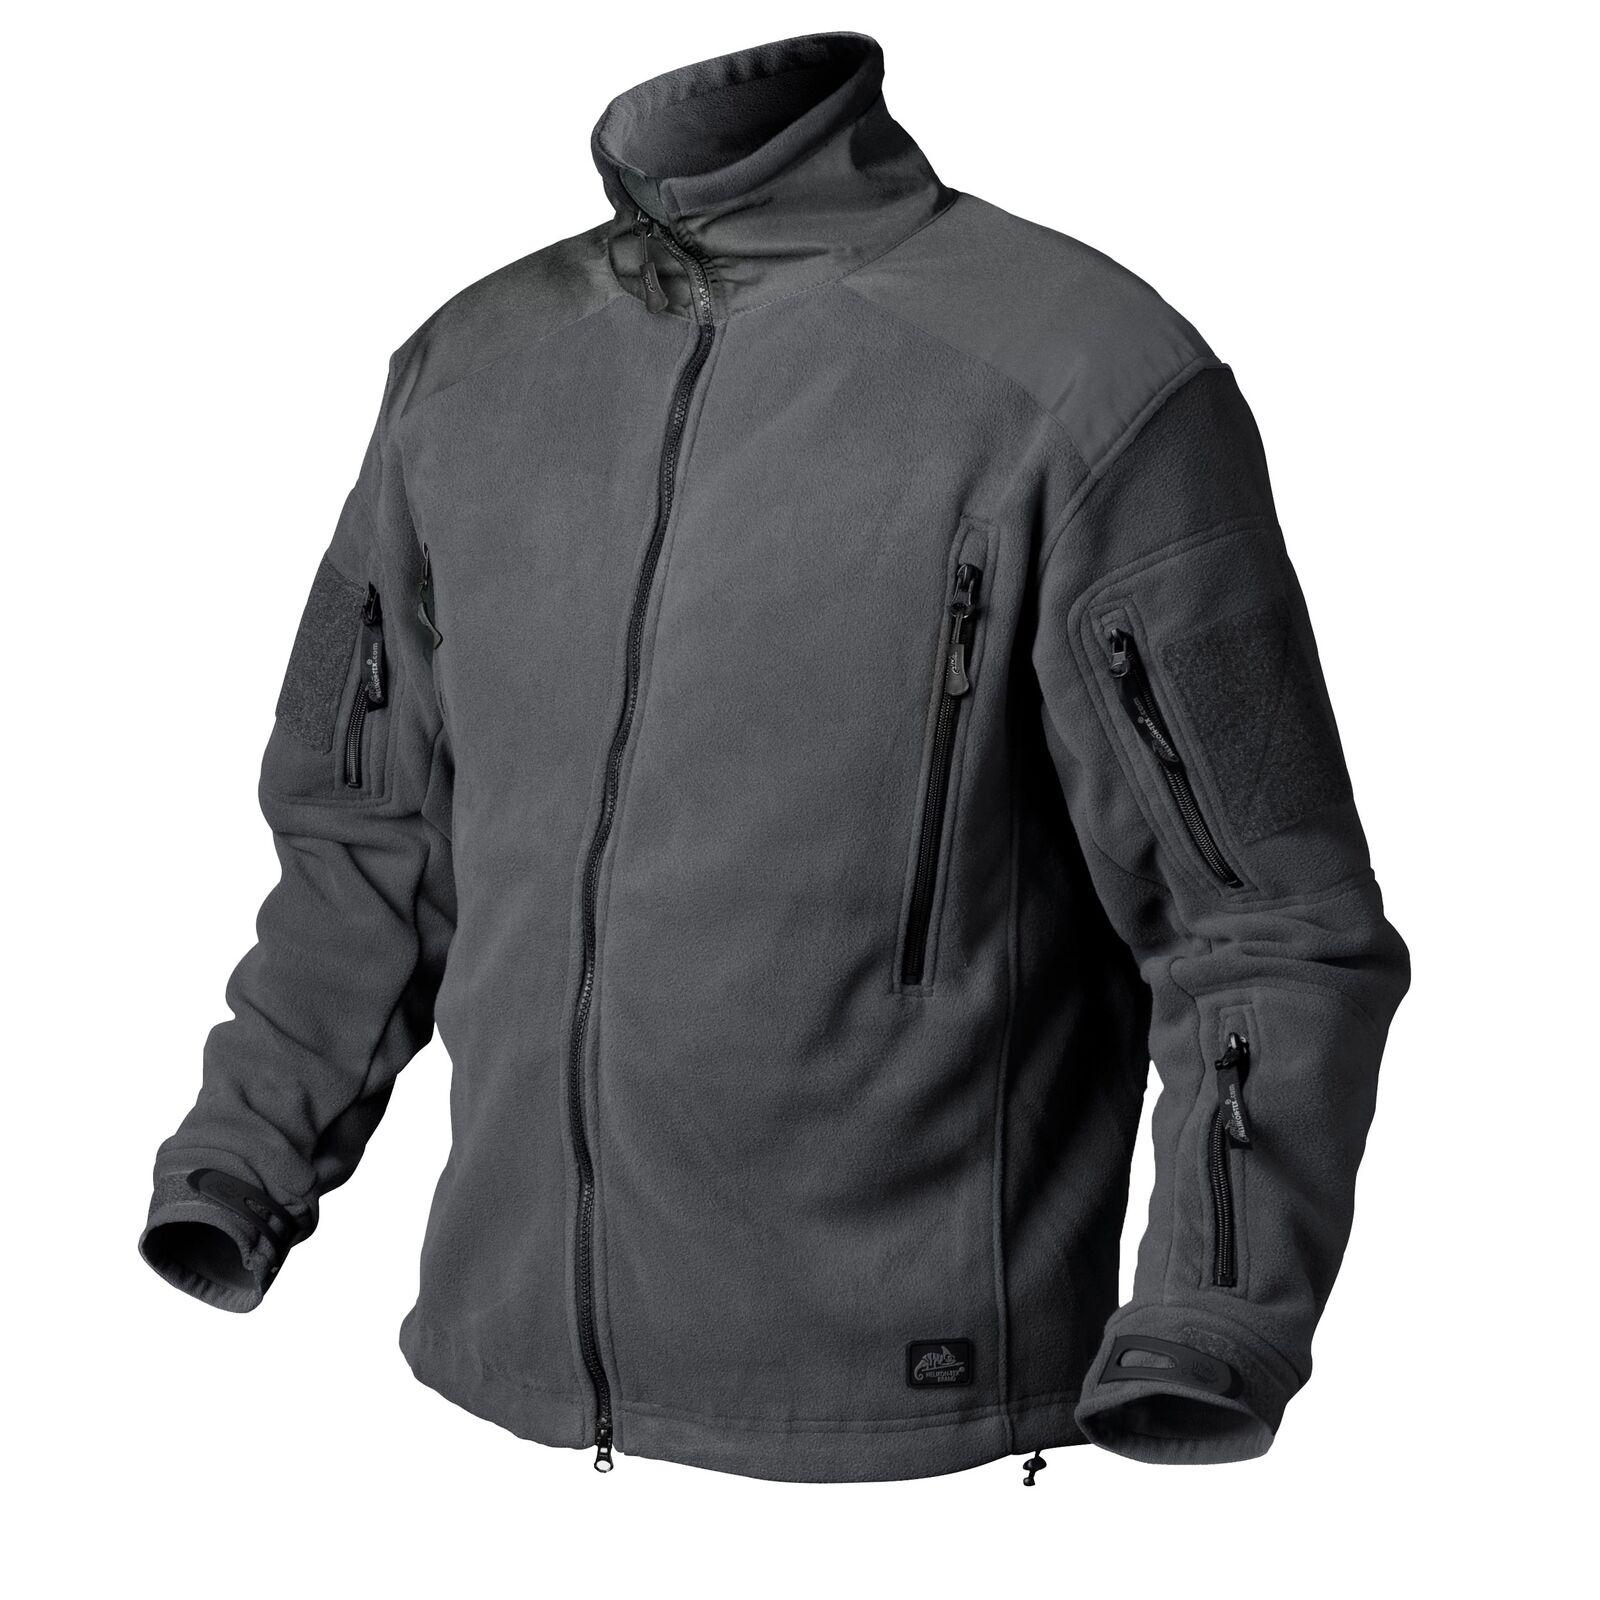 HELIKON-Tex Liberty chaqueta vellón chaqueta outdoor Hiking-Heavy Fleece-Shadow gris